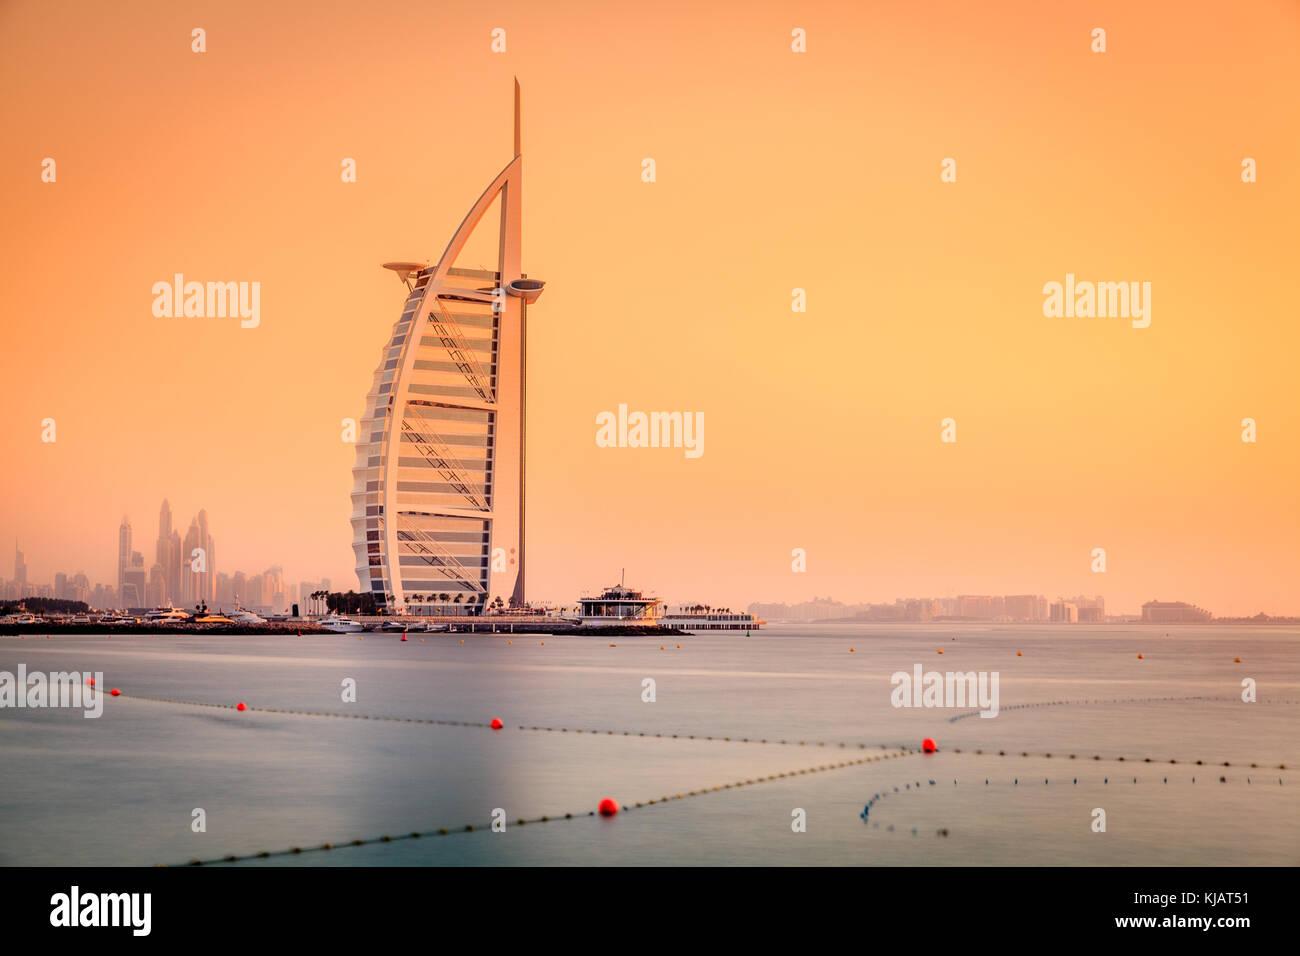 Dubai, VAE, 7. Juni 2016: Blick auf den weltberühmten Burj Al Arab Hotel bei Sonnenuntergang Stockbild